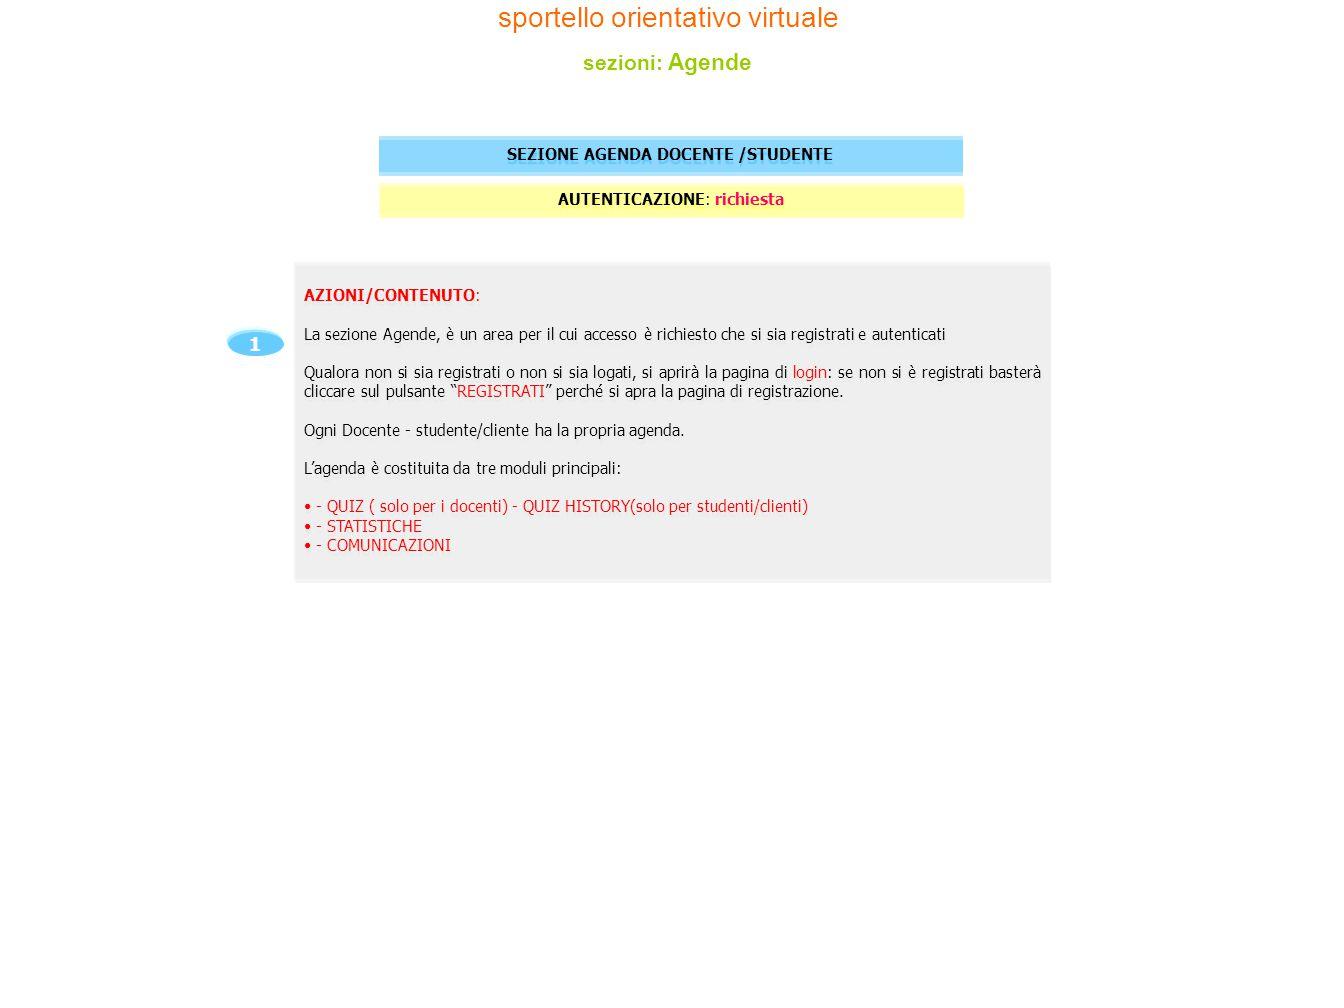 AZIONI/CONTENUTO: La sezione Agende, è un area per il cui accesso è richiesto che si sia registrati e autenticati Qualora non si sia registrati o non